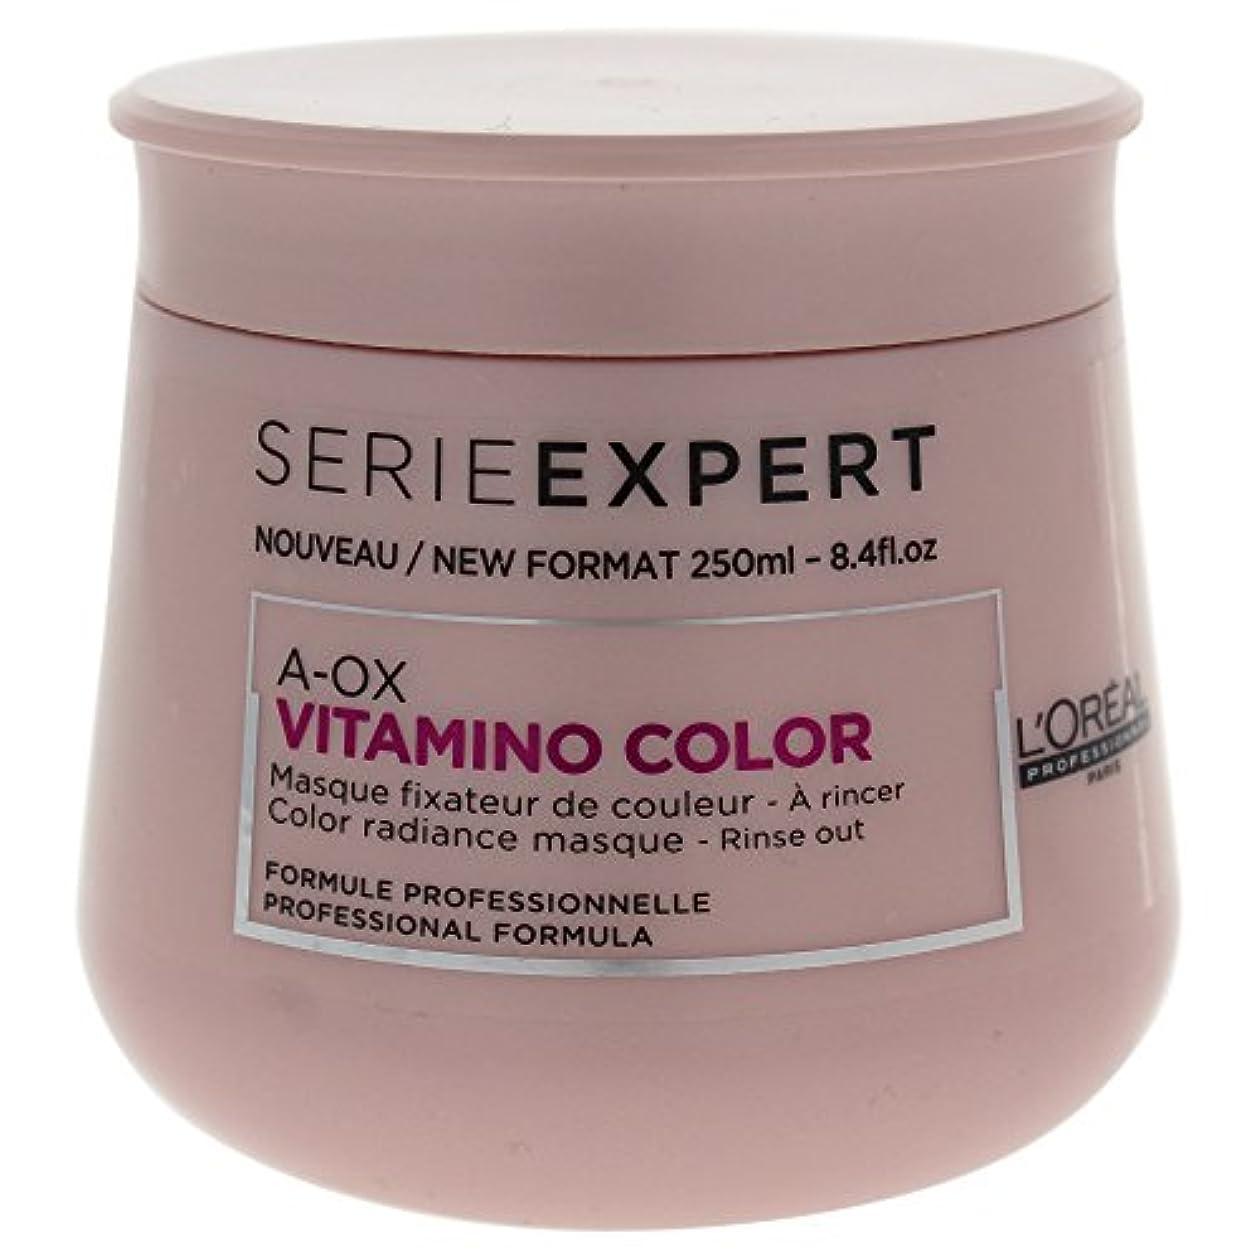 エキゾチック膨らみ反発L'Oreal Serie Expert A-OX VITAMINO COLOR Color Radiance Masque 250 ml [並行輸入品]